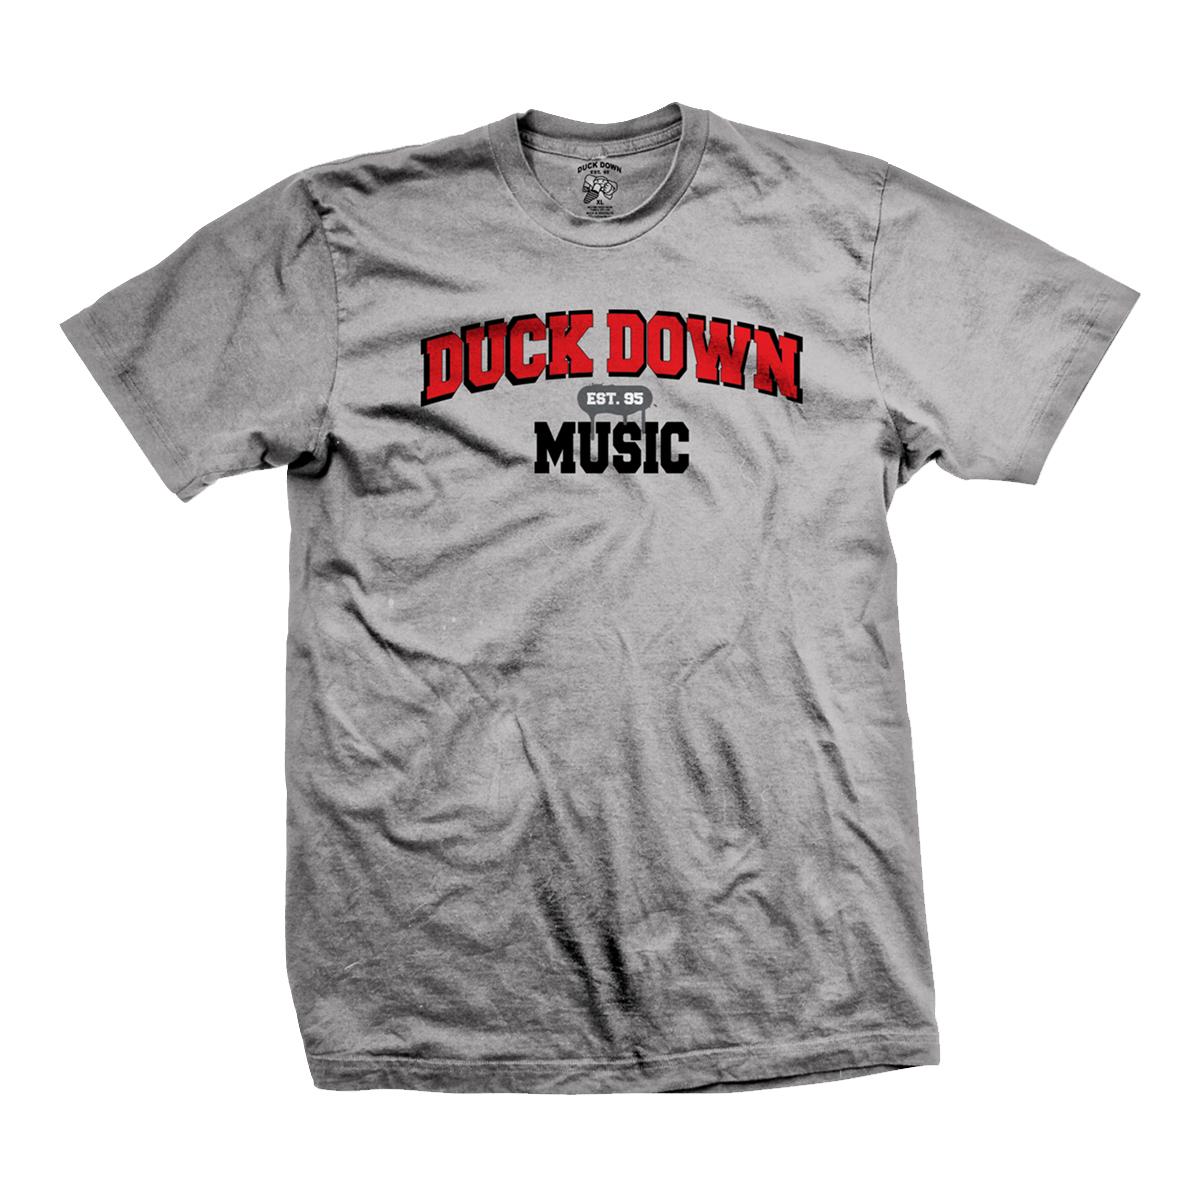 Duck Down Music Est. 95 T-Shirt